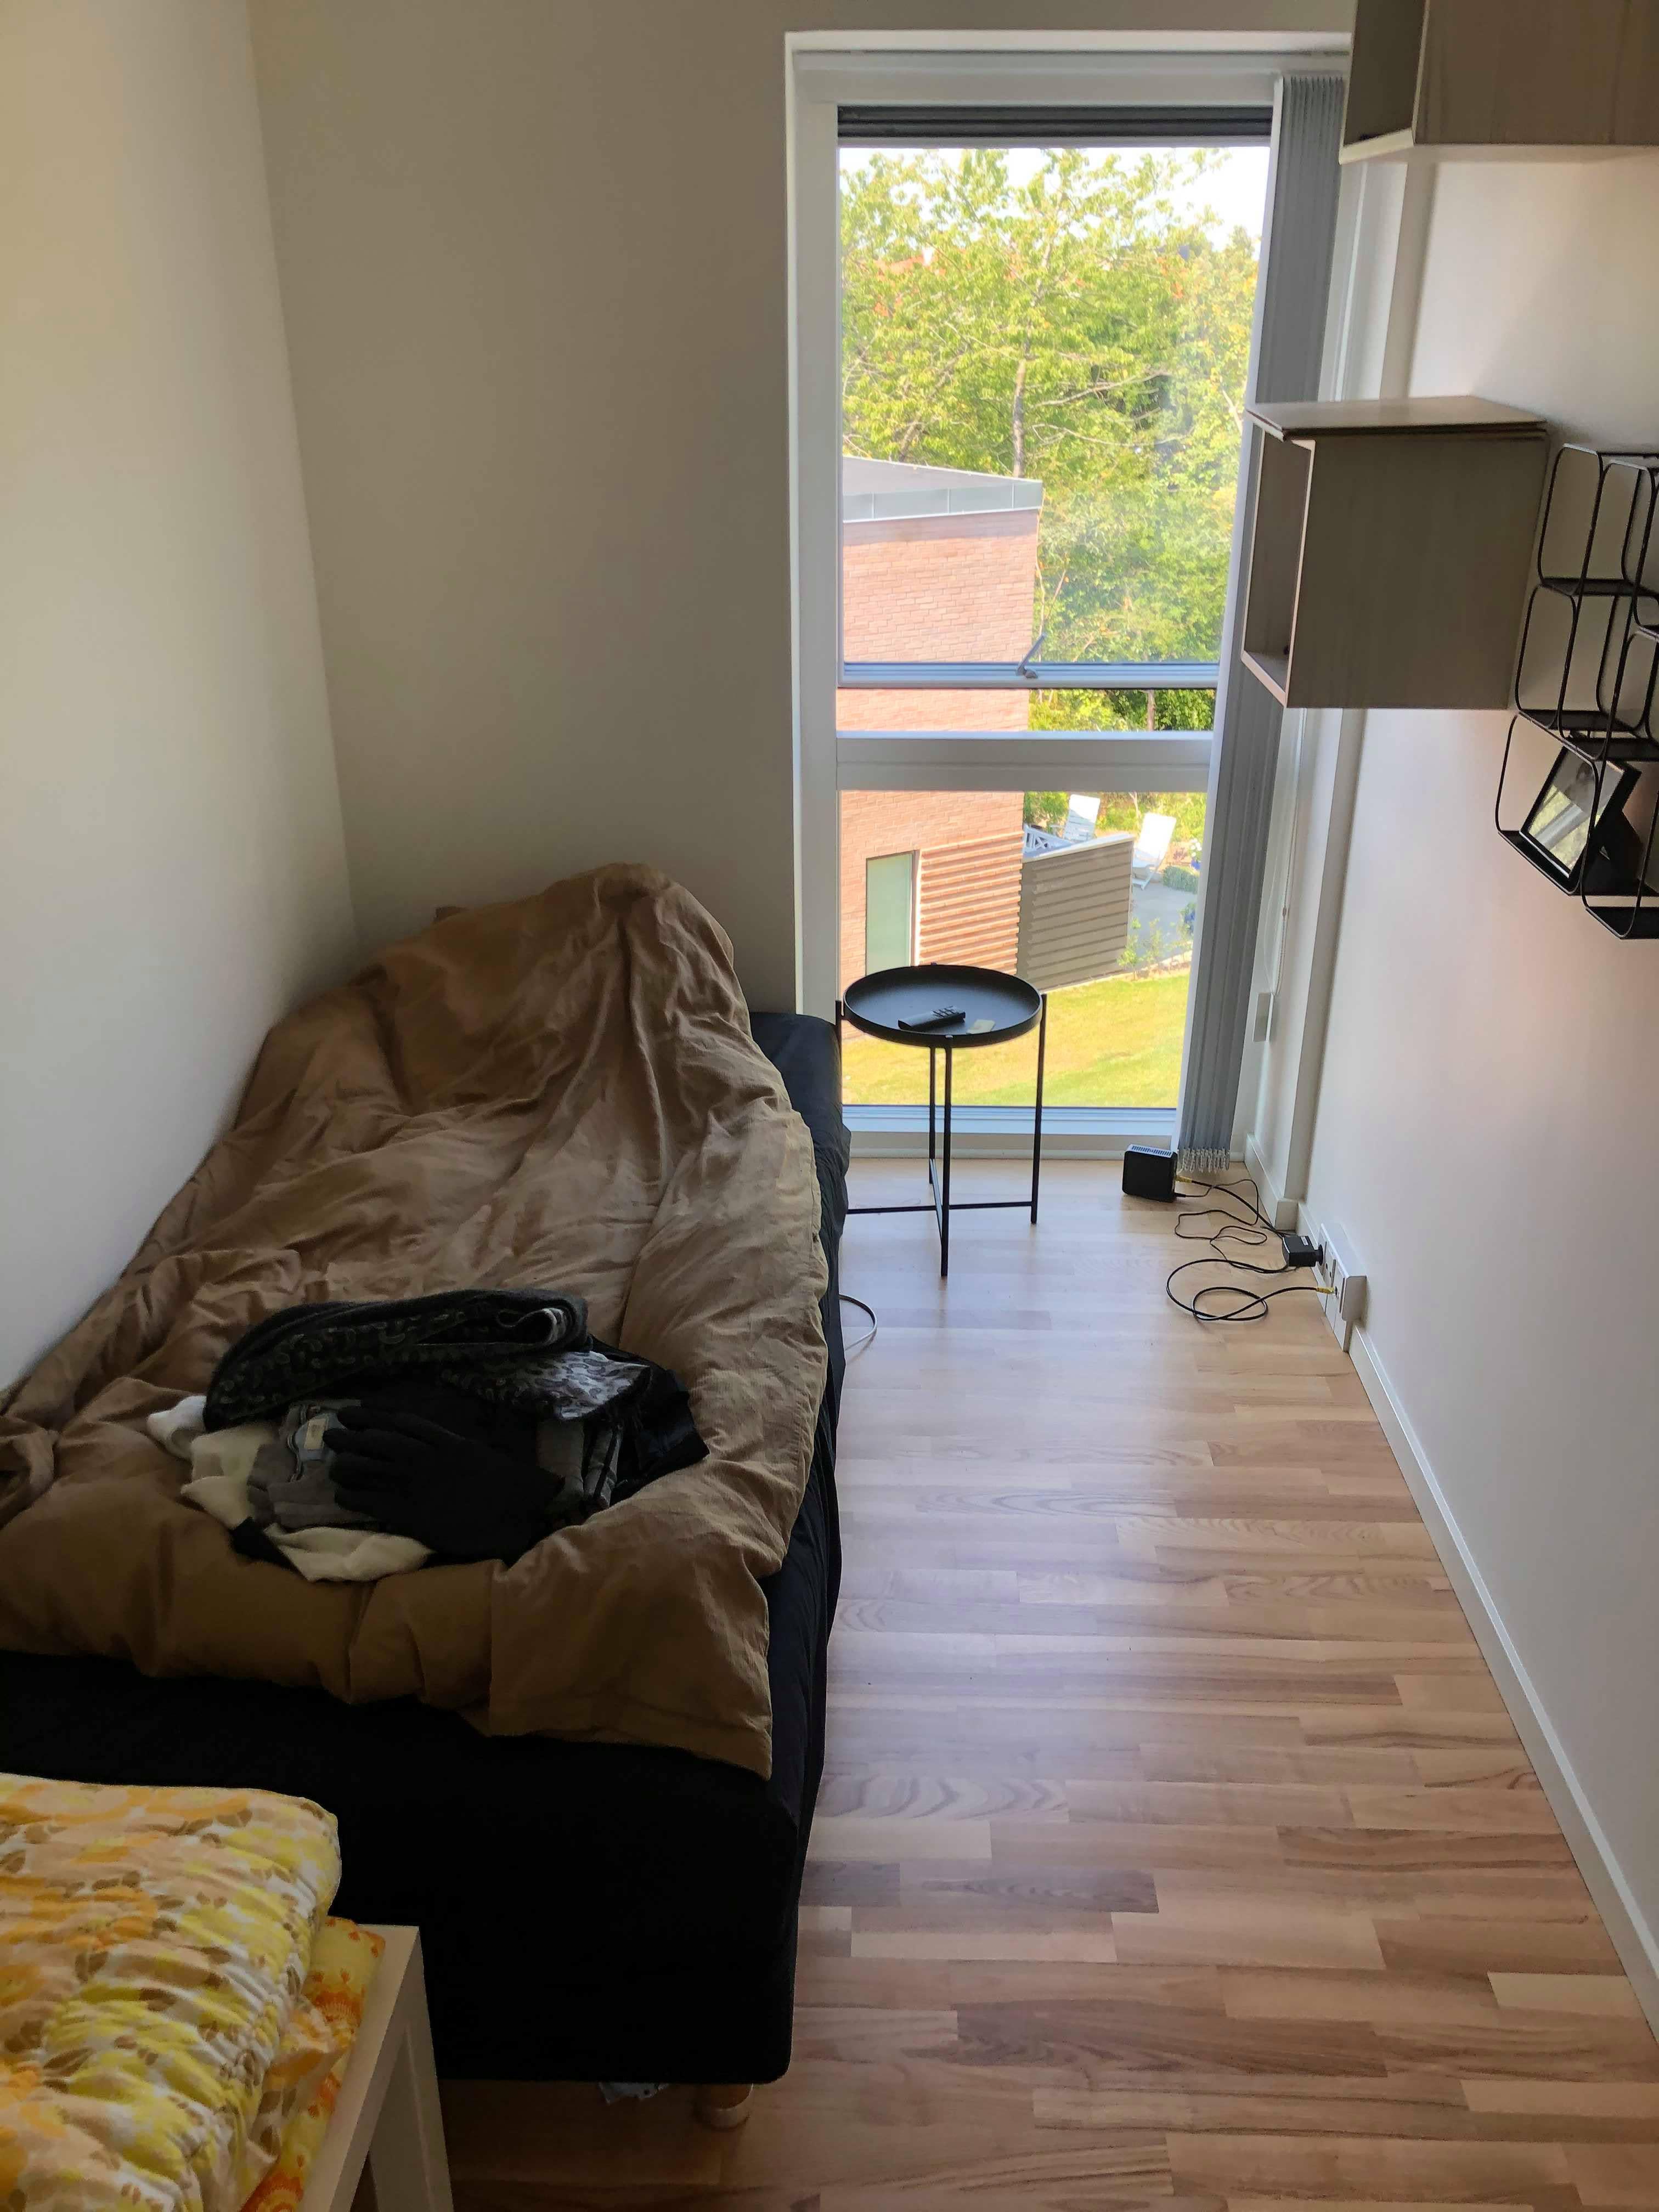 Værelse udlejes i nybygget lejlighed!